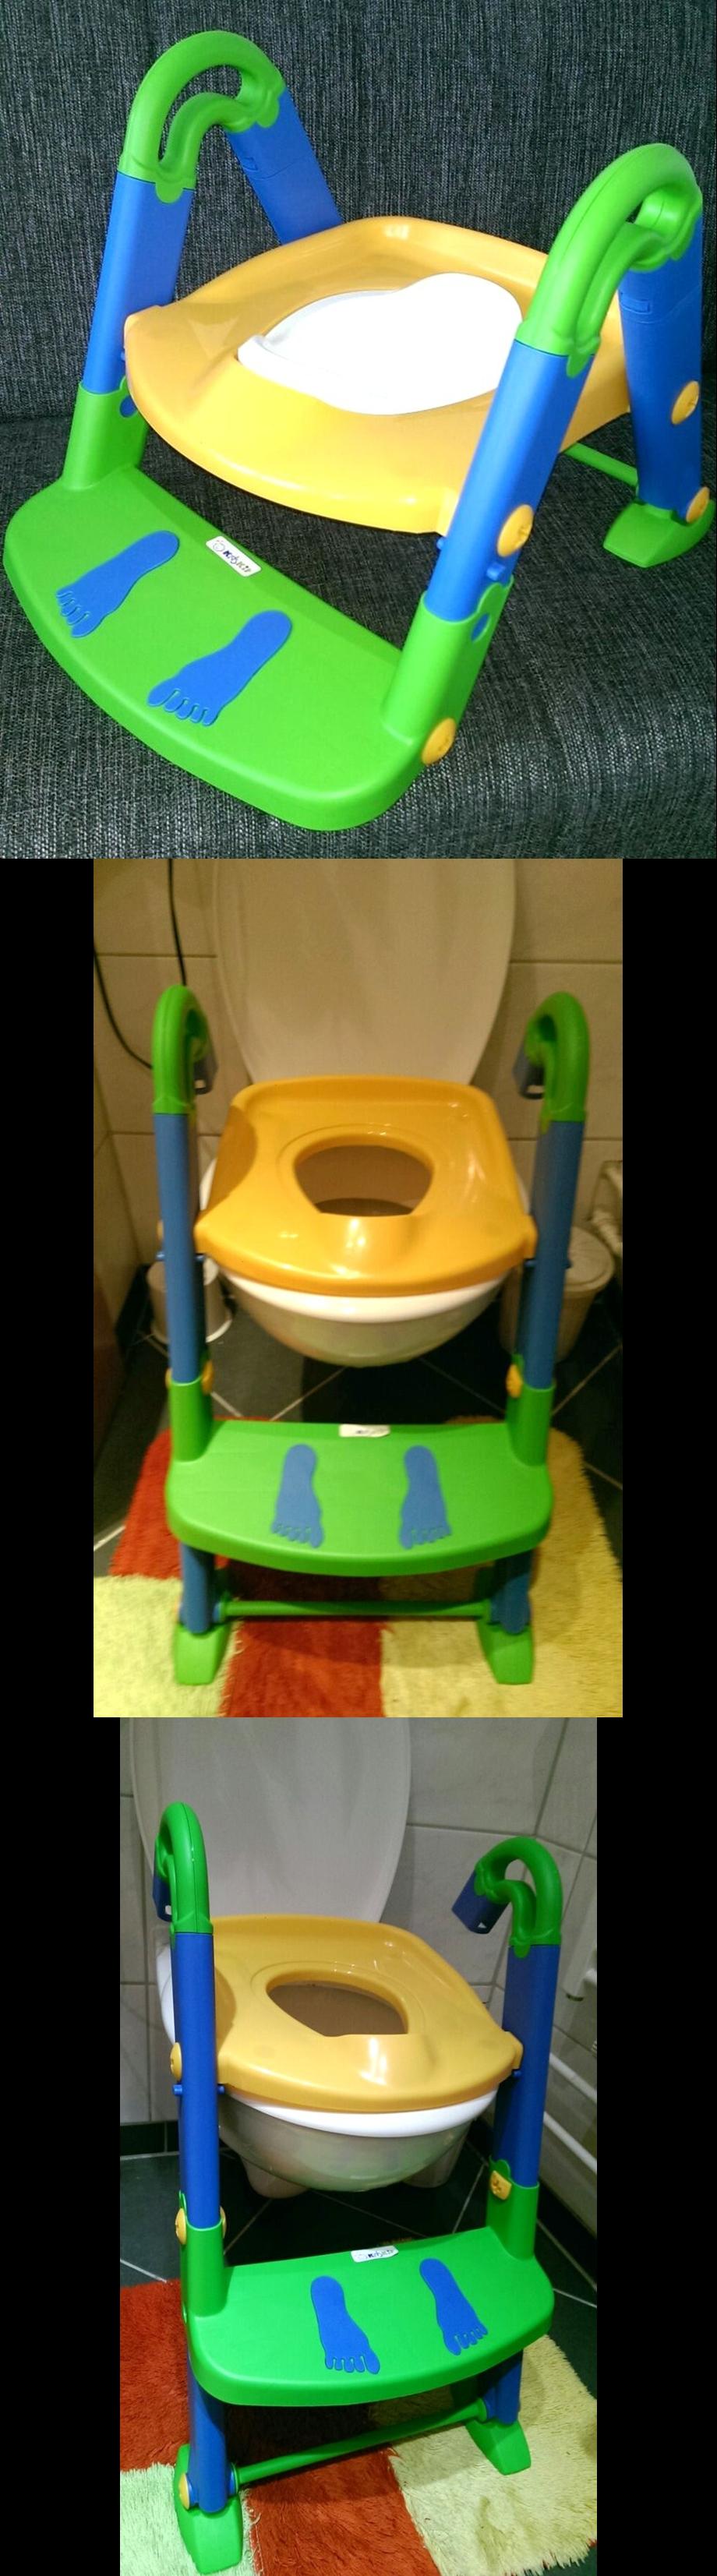 Der KidsKit Toilettentrainer ist ein 3 in 1 Produkt mit Töpfchen, Toilettenleiter und kindgerechtem WC-Sitz. Dieses Produkt wurde mir für unseren Test kostenlos zur Verfügug gestellt von rotho baby...